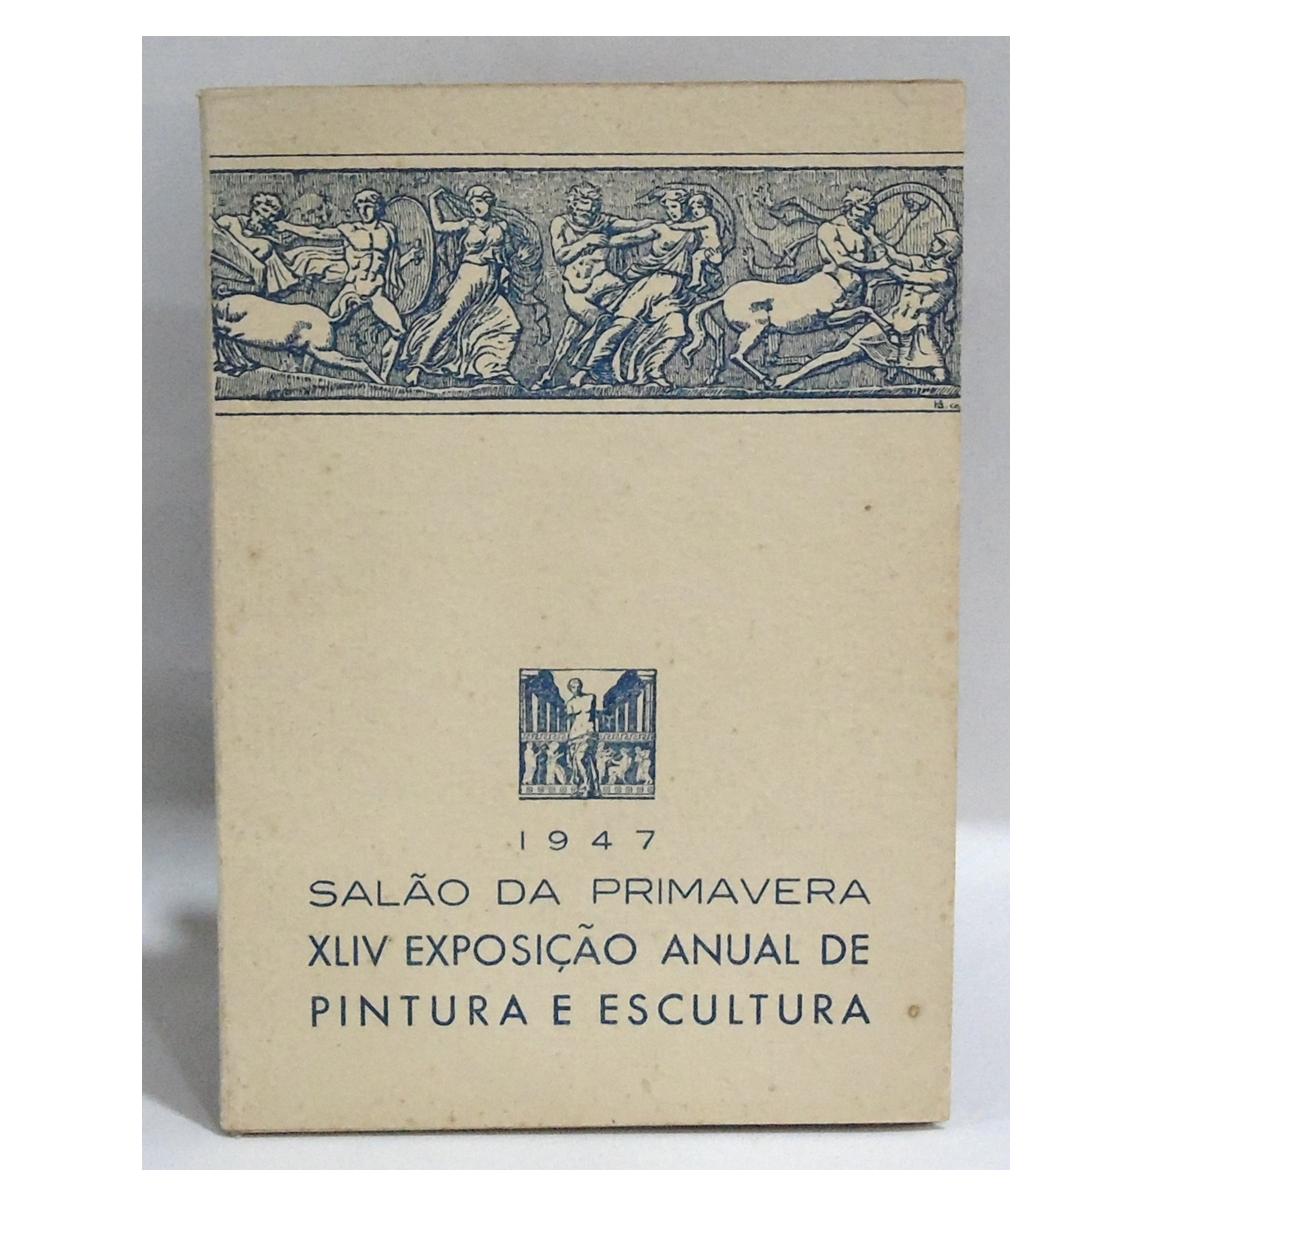 SALÃO DA PRIMAVERA : XLIV EXPOSIÇÃO ANUAL DE PINTURA E ESCULTURA